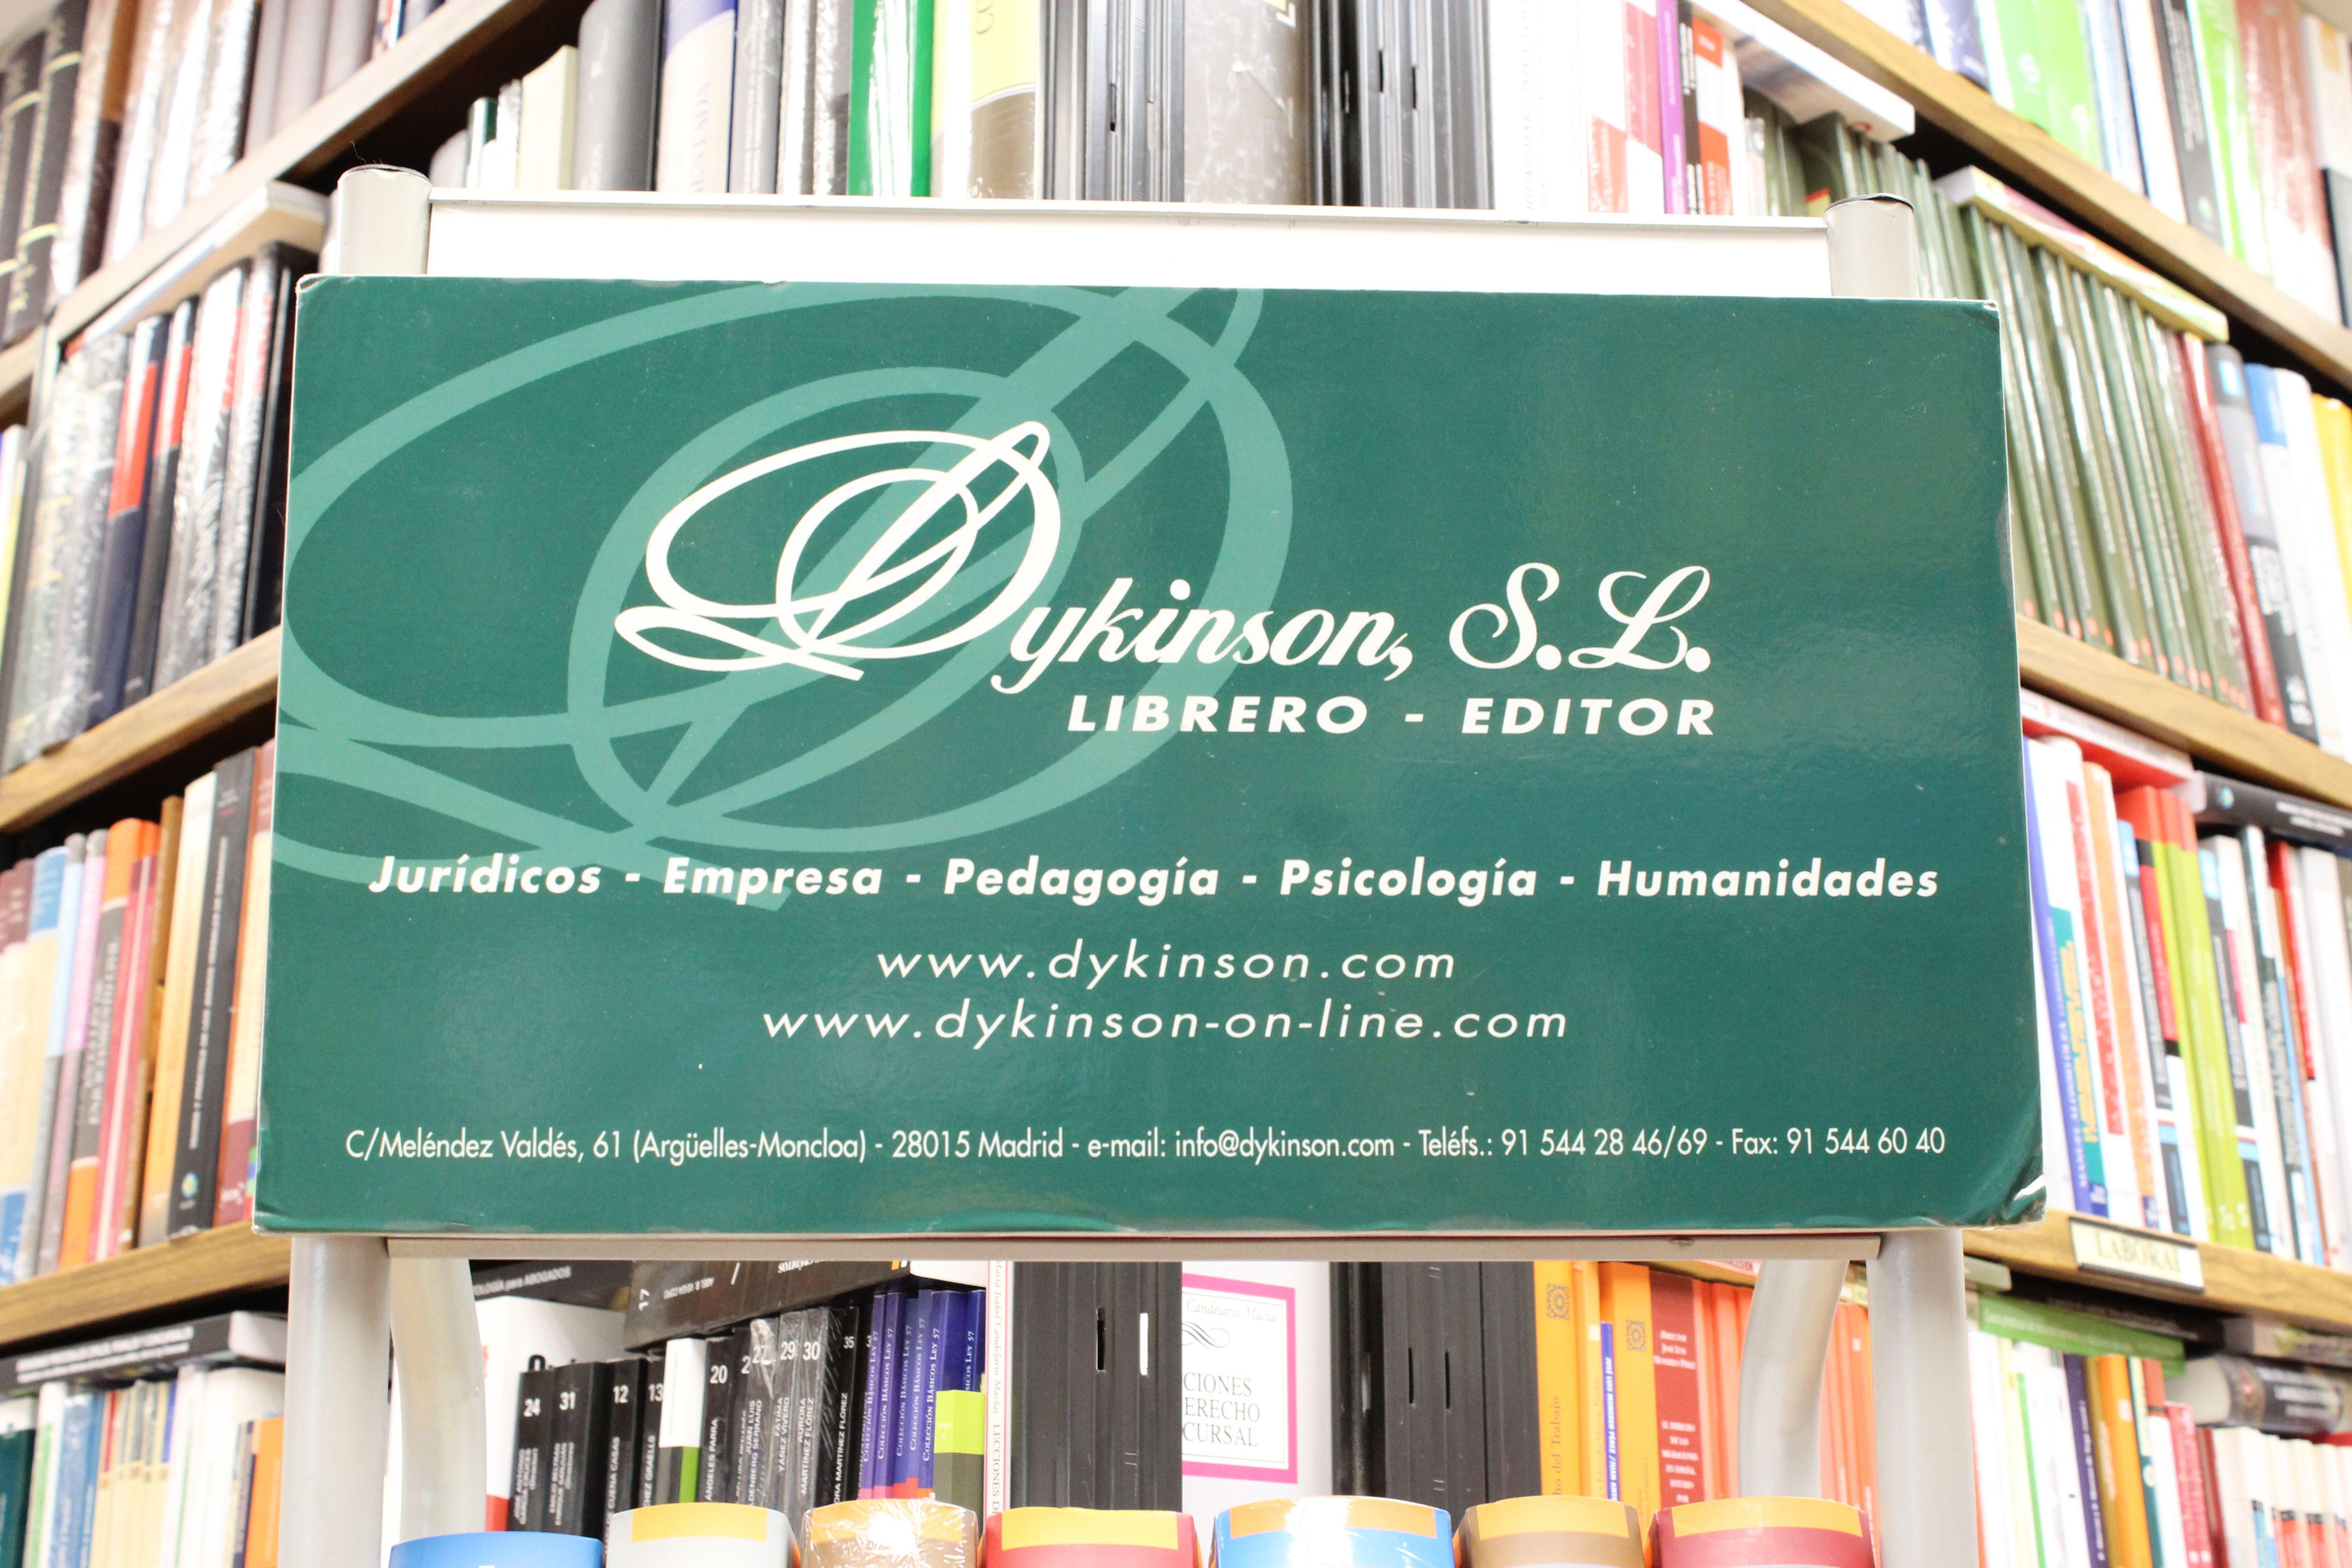 Foto 3 de Librerías en Madrid | Dykinson